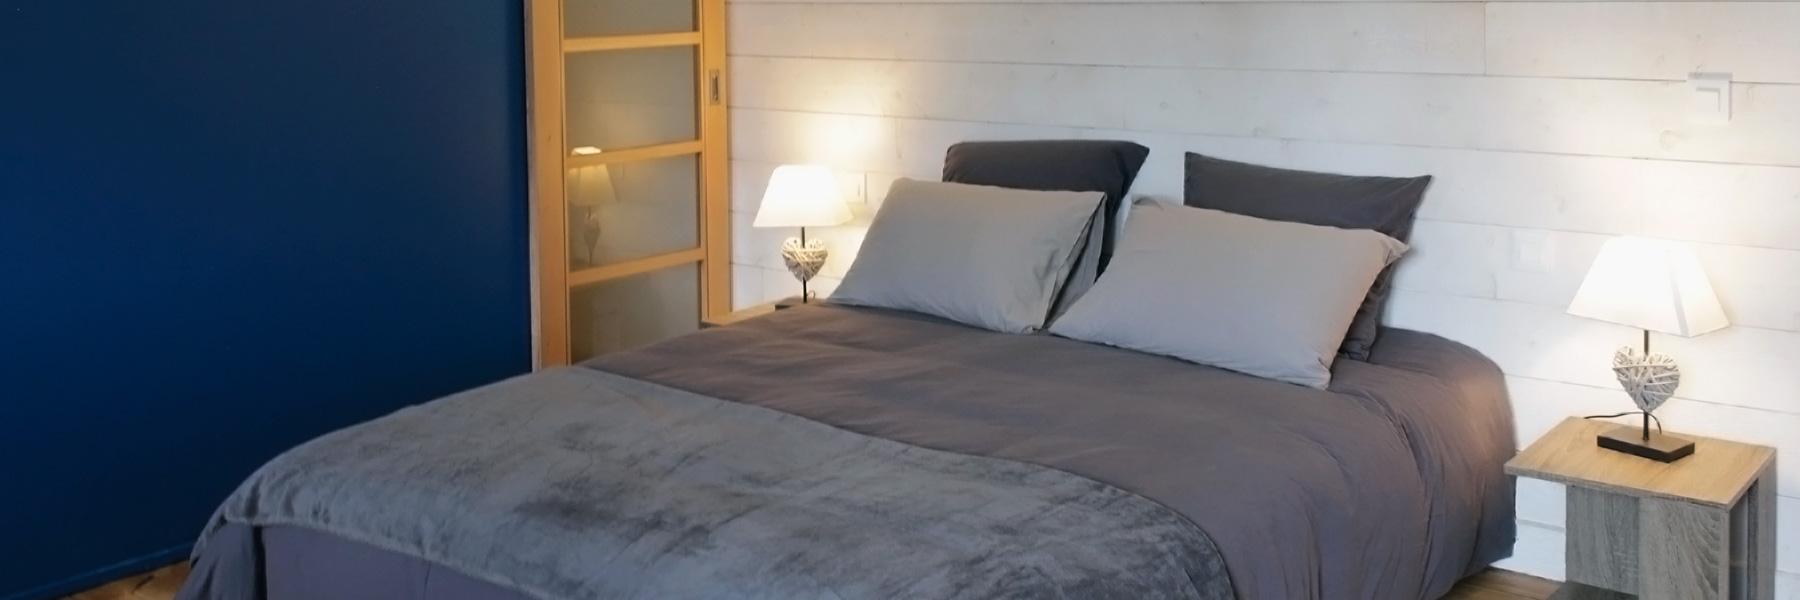 Guest room Bretagne island Groix